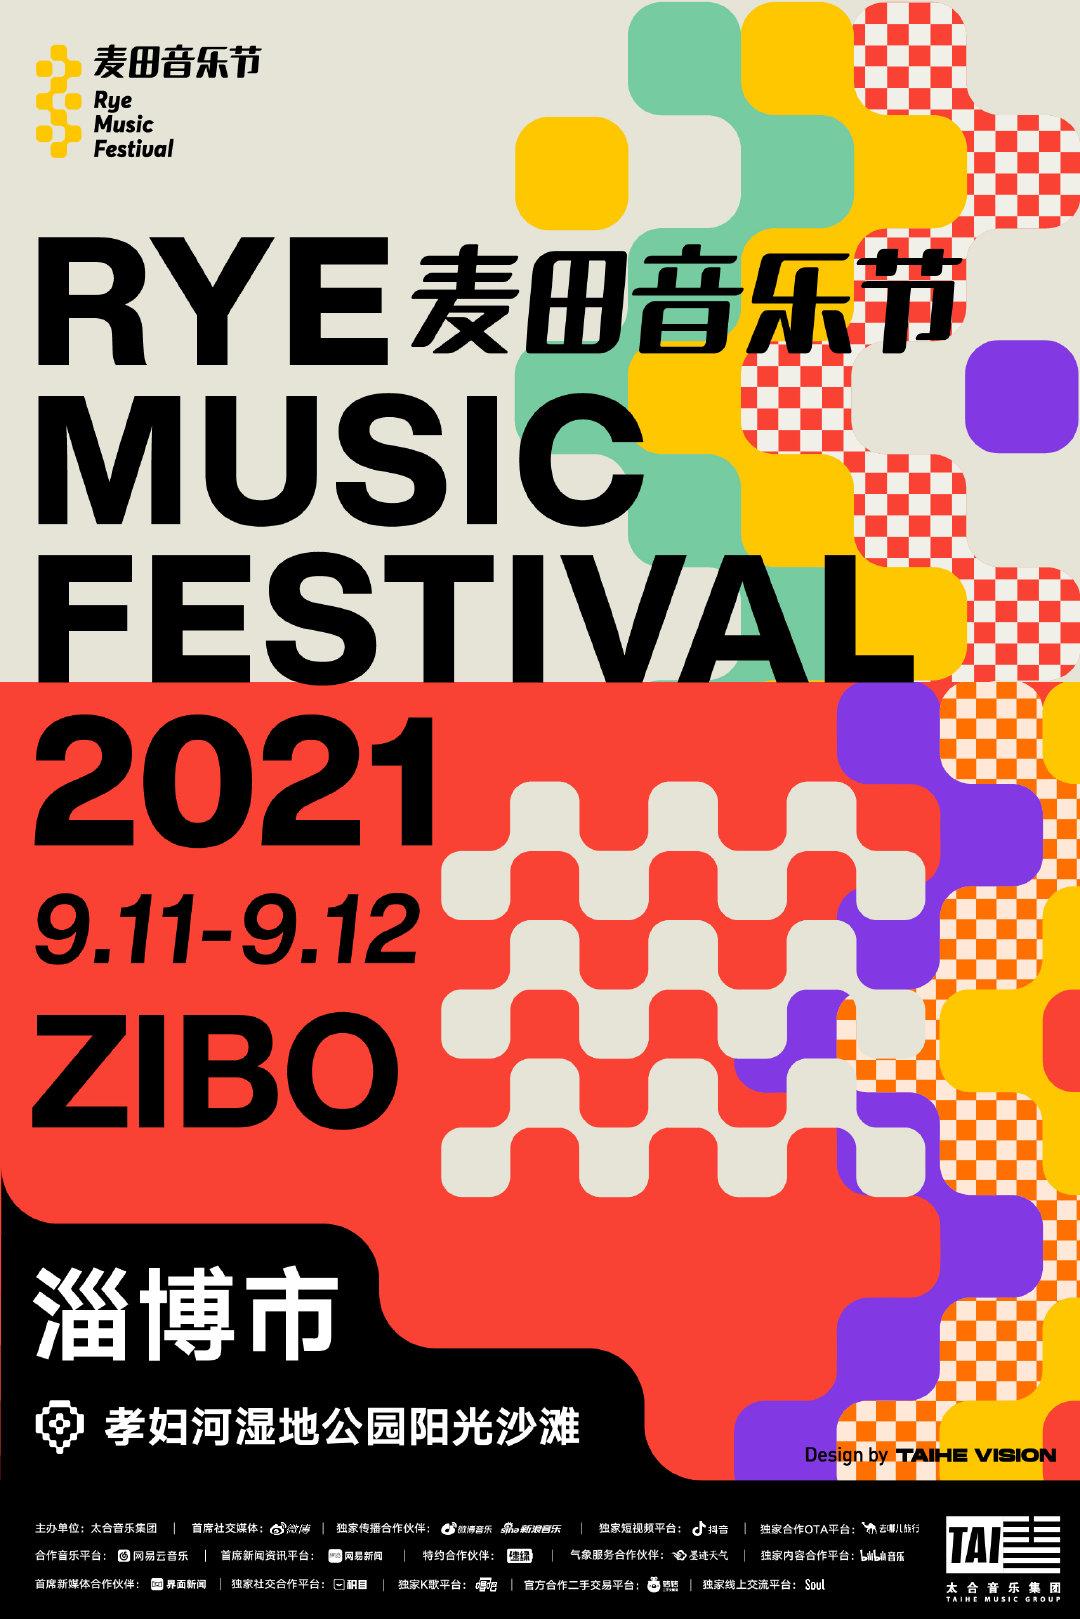 2021淄博麦田音乐节购票入口+时间+地点